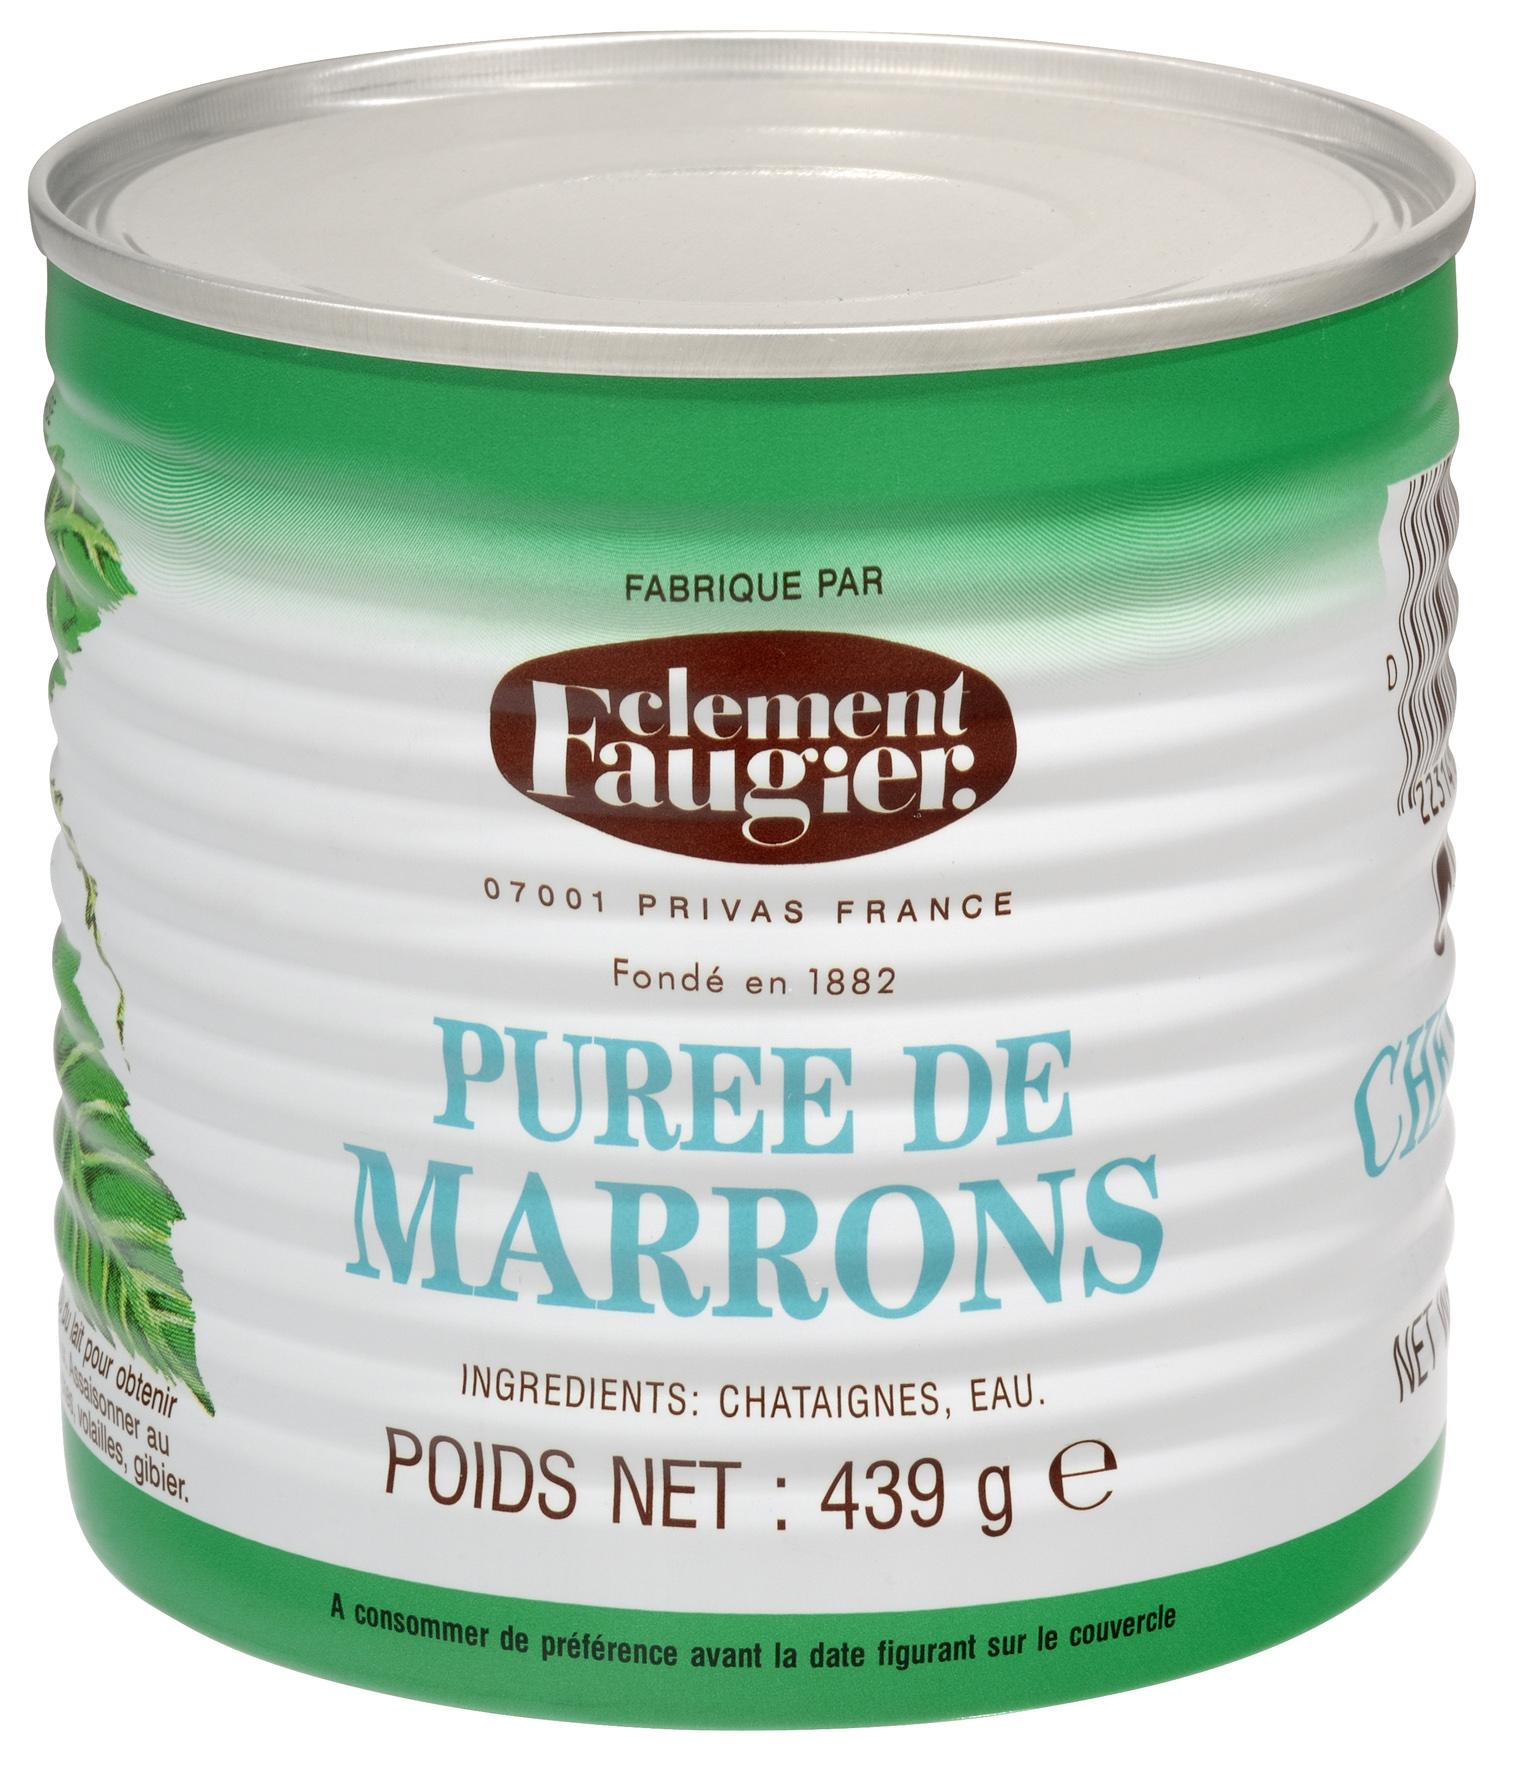 Purée de marrons, Clément Faugier (439 g)